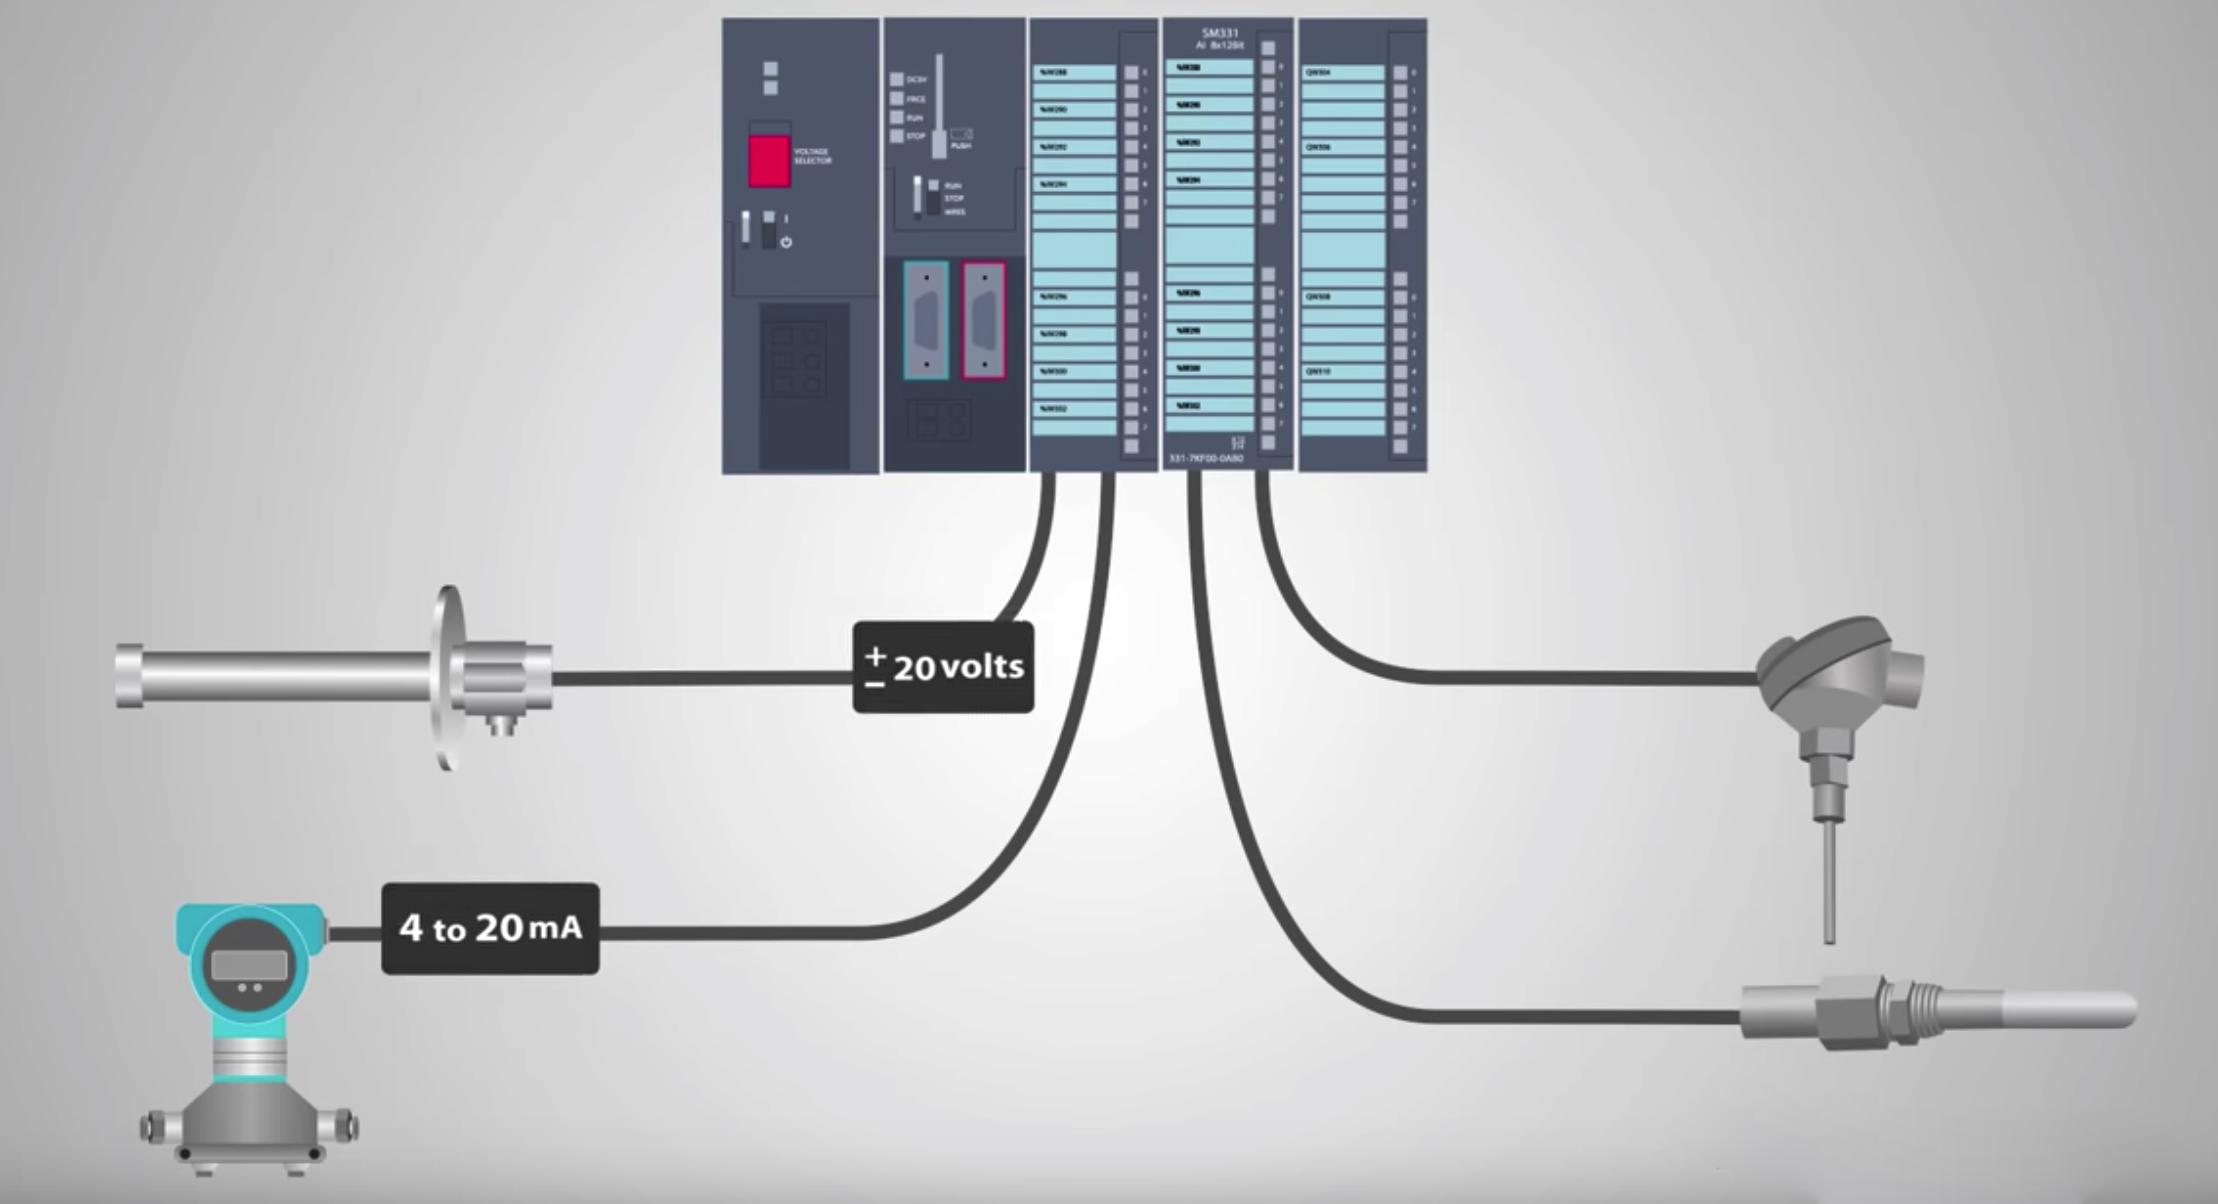 tín hiệu analog trong PLC